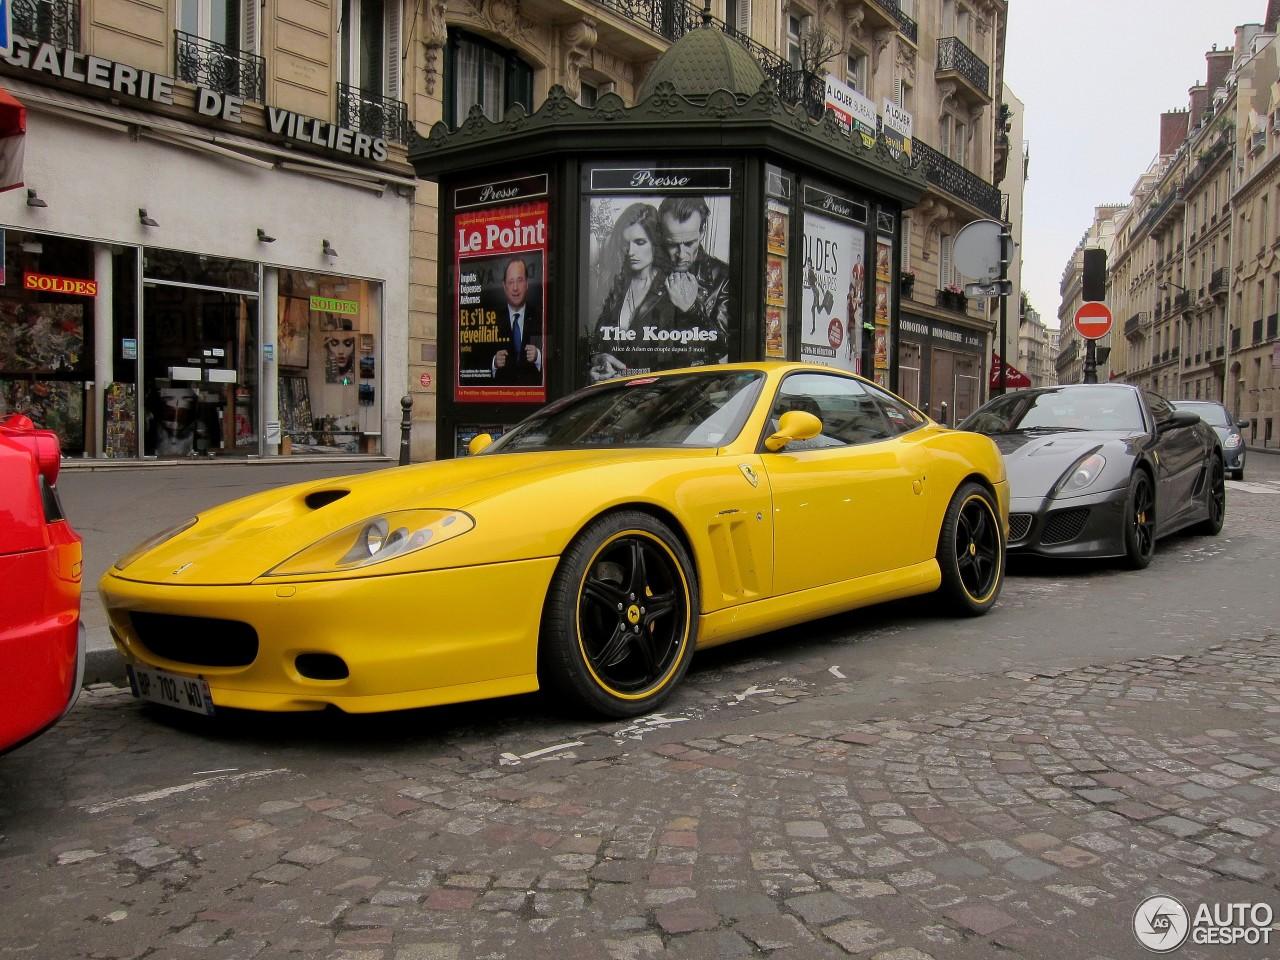 2010 Ferrari 575M Maranello photo - 1